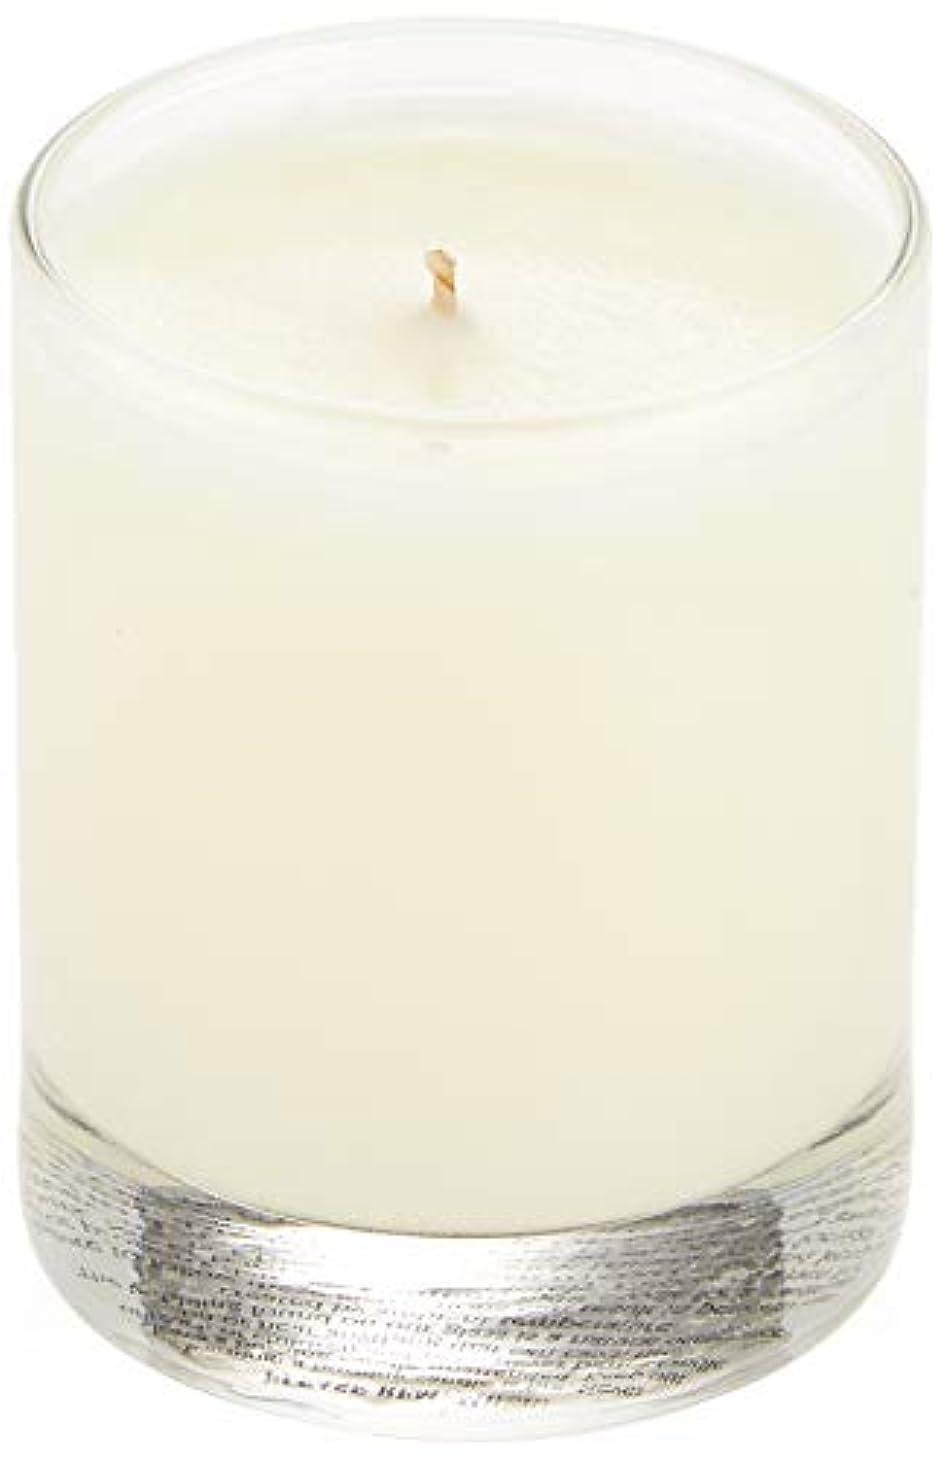 確かめる野な講堂kai fragrance(カイ フレグランス) ナイトライトキャンドル 連続燃焼18時間